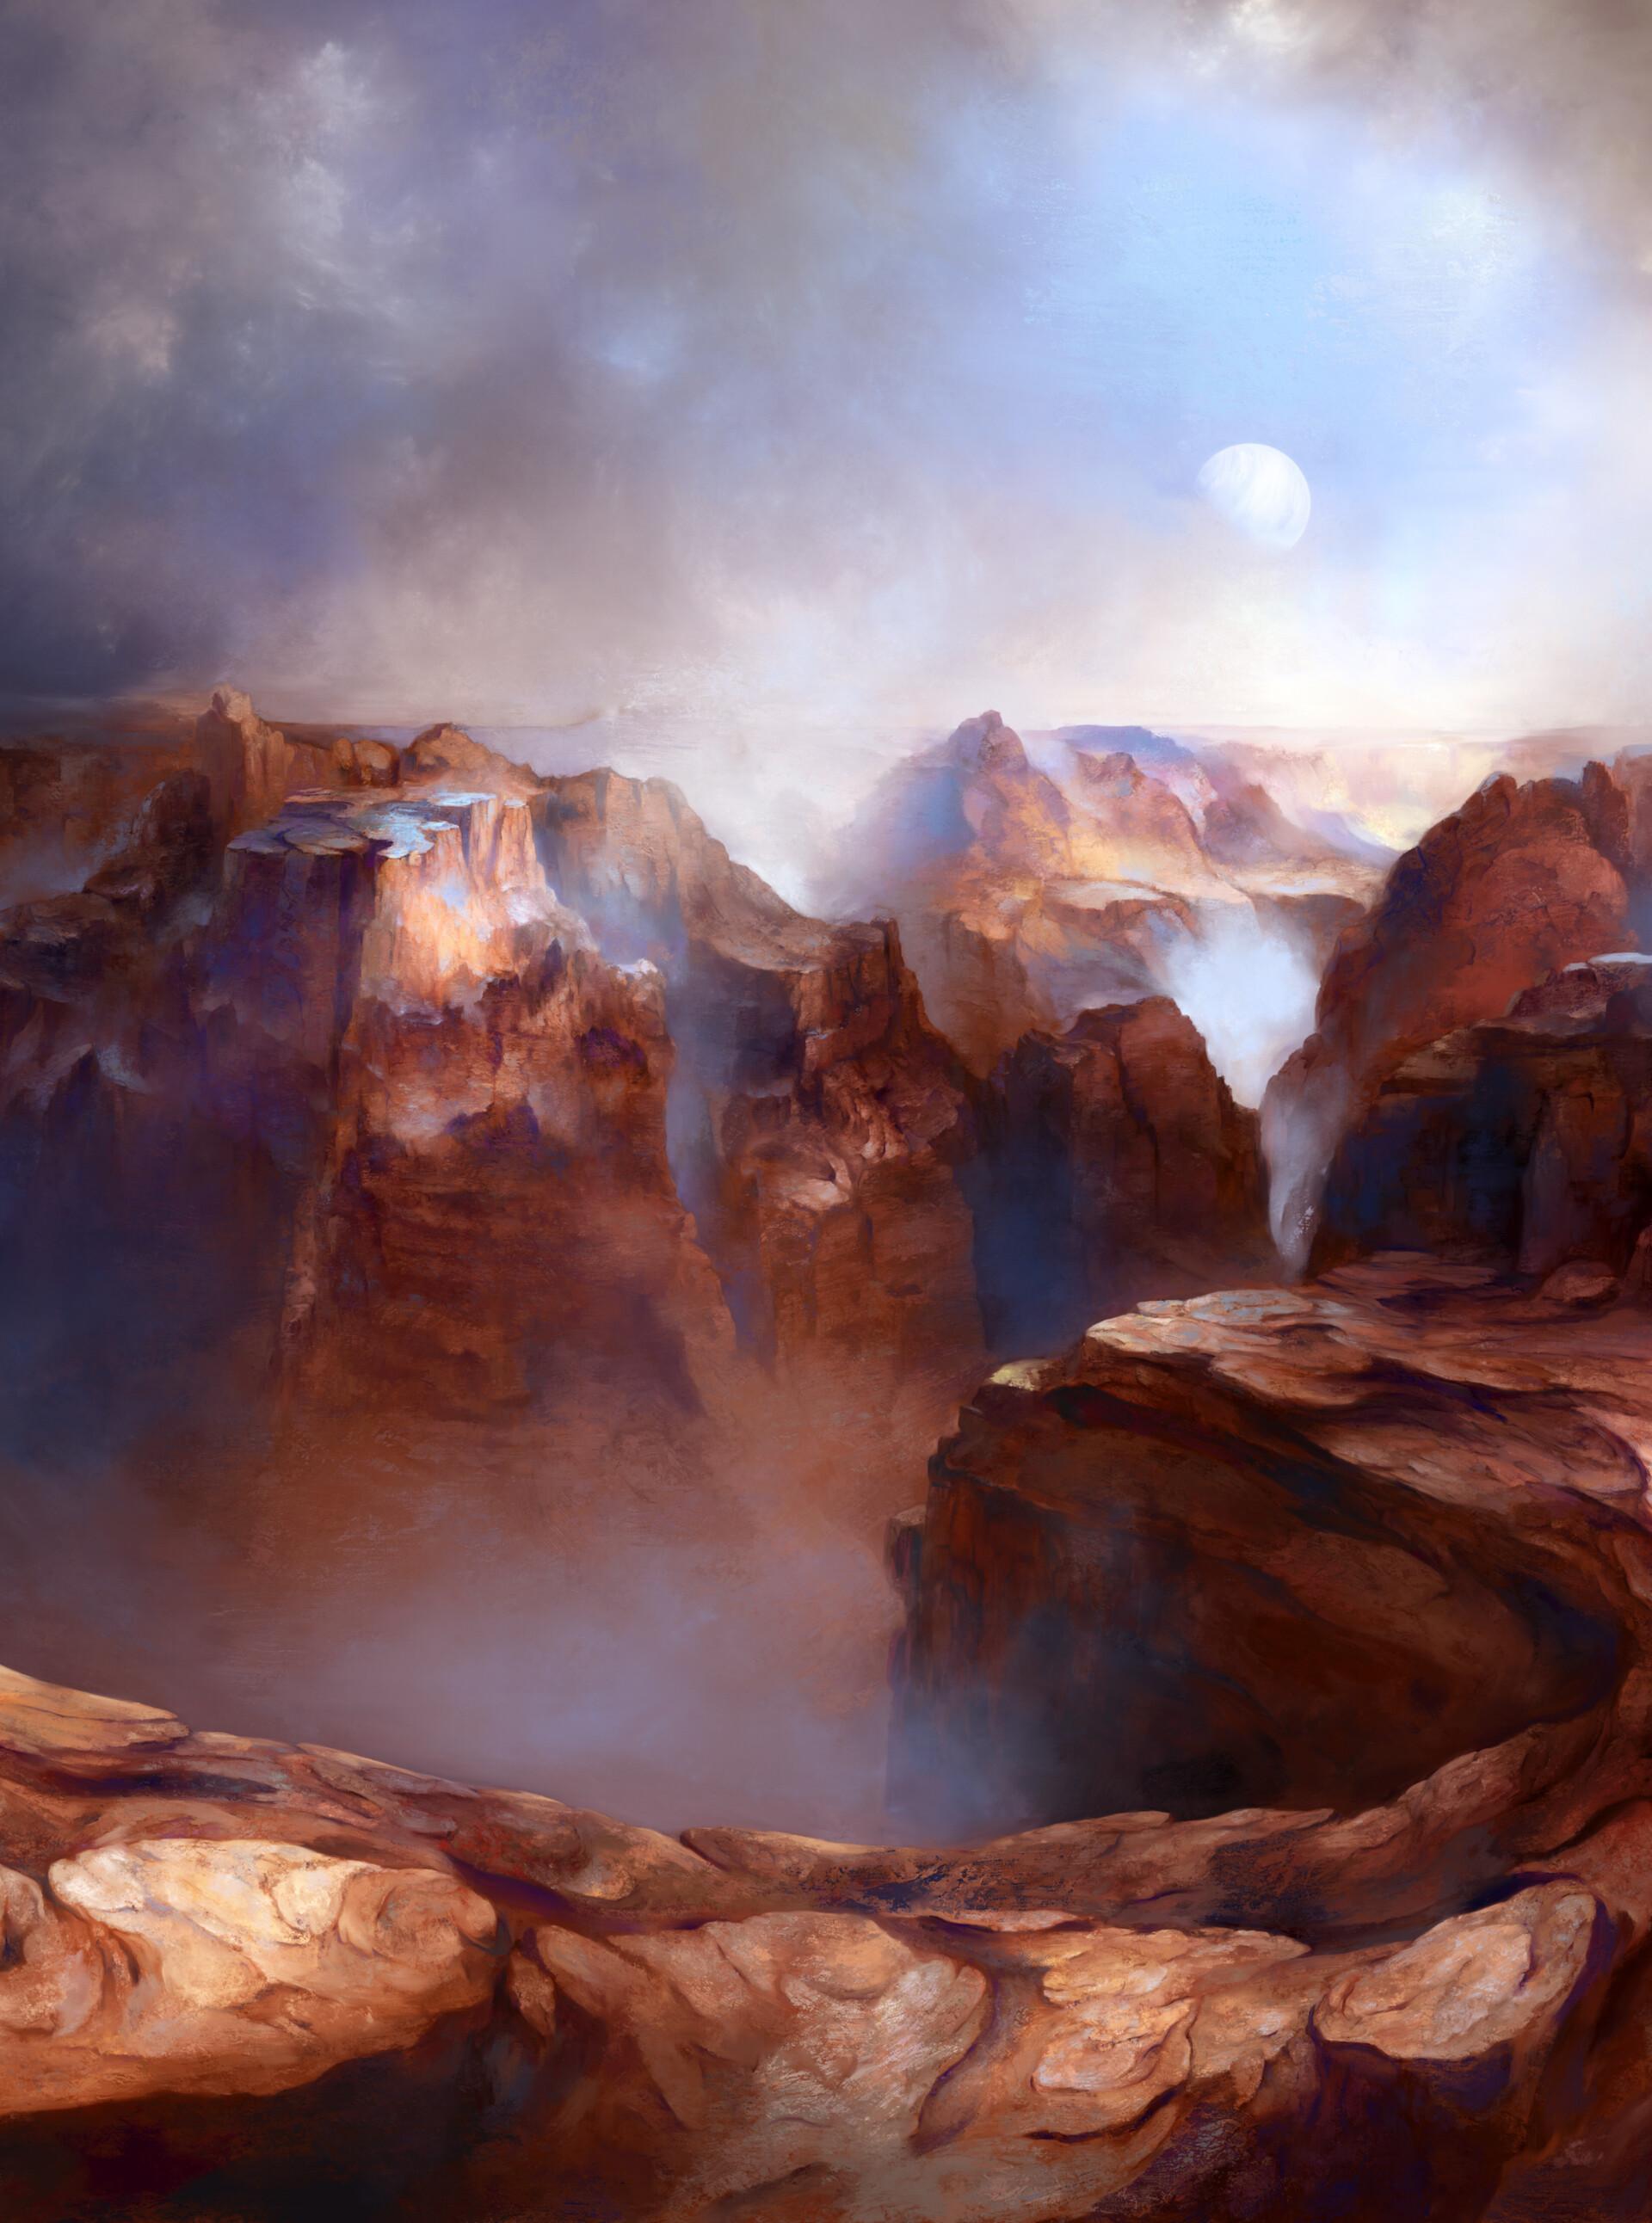 141398 免費下載壁紙 峡谷, 石头, 岩石, 月球, 多雾路段, 雾, 艺术 屏保和圖片